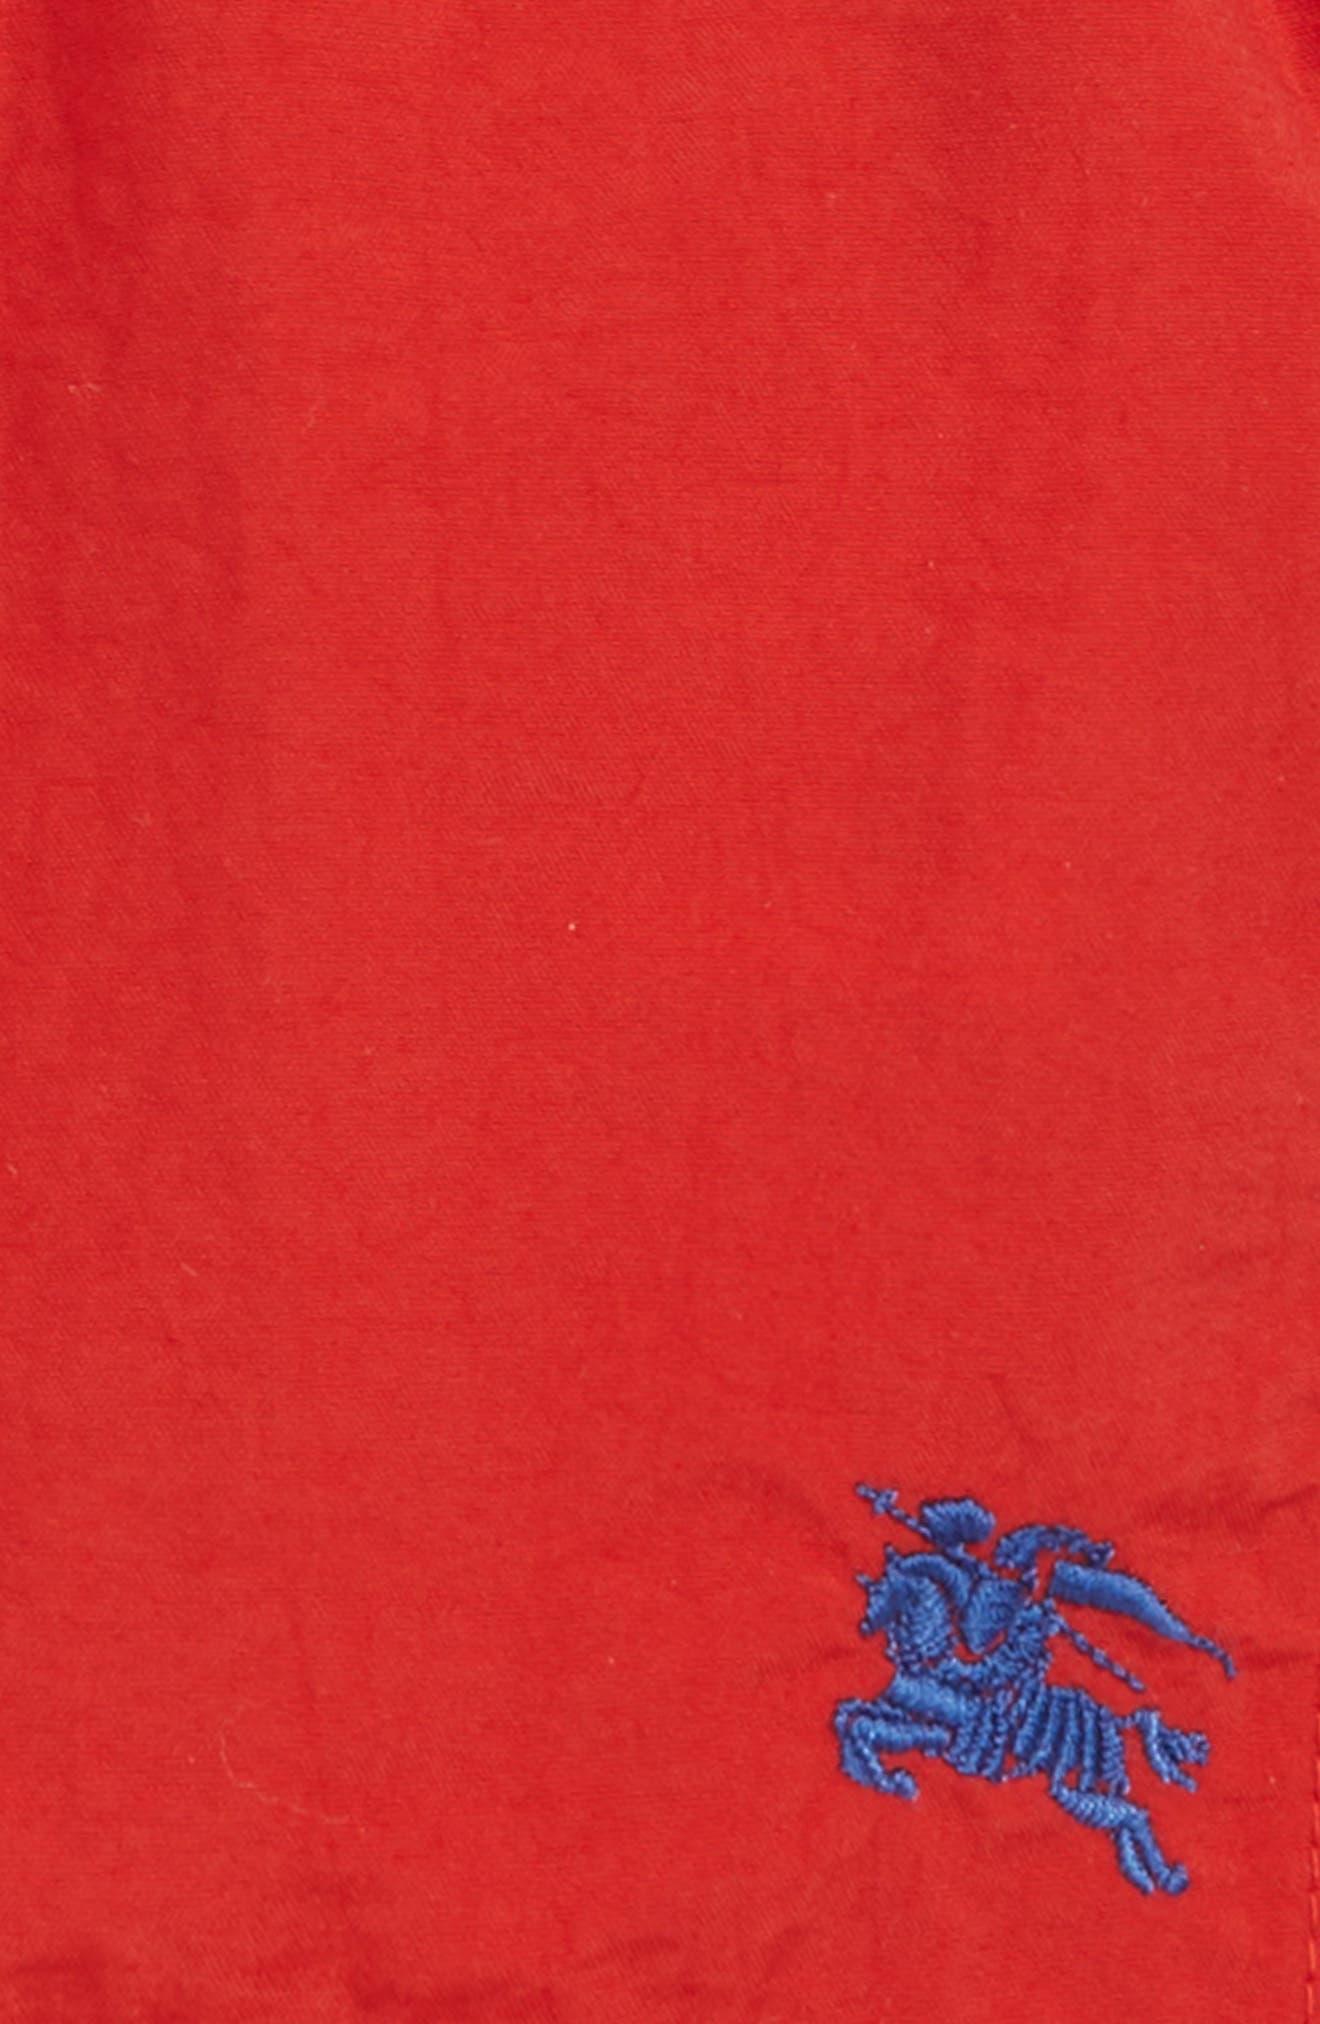 Galvin Swim Trunks,                             Alternate thumbnail 2, color,                             MILITARY RED